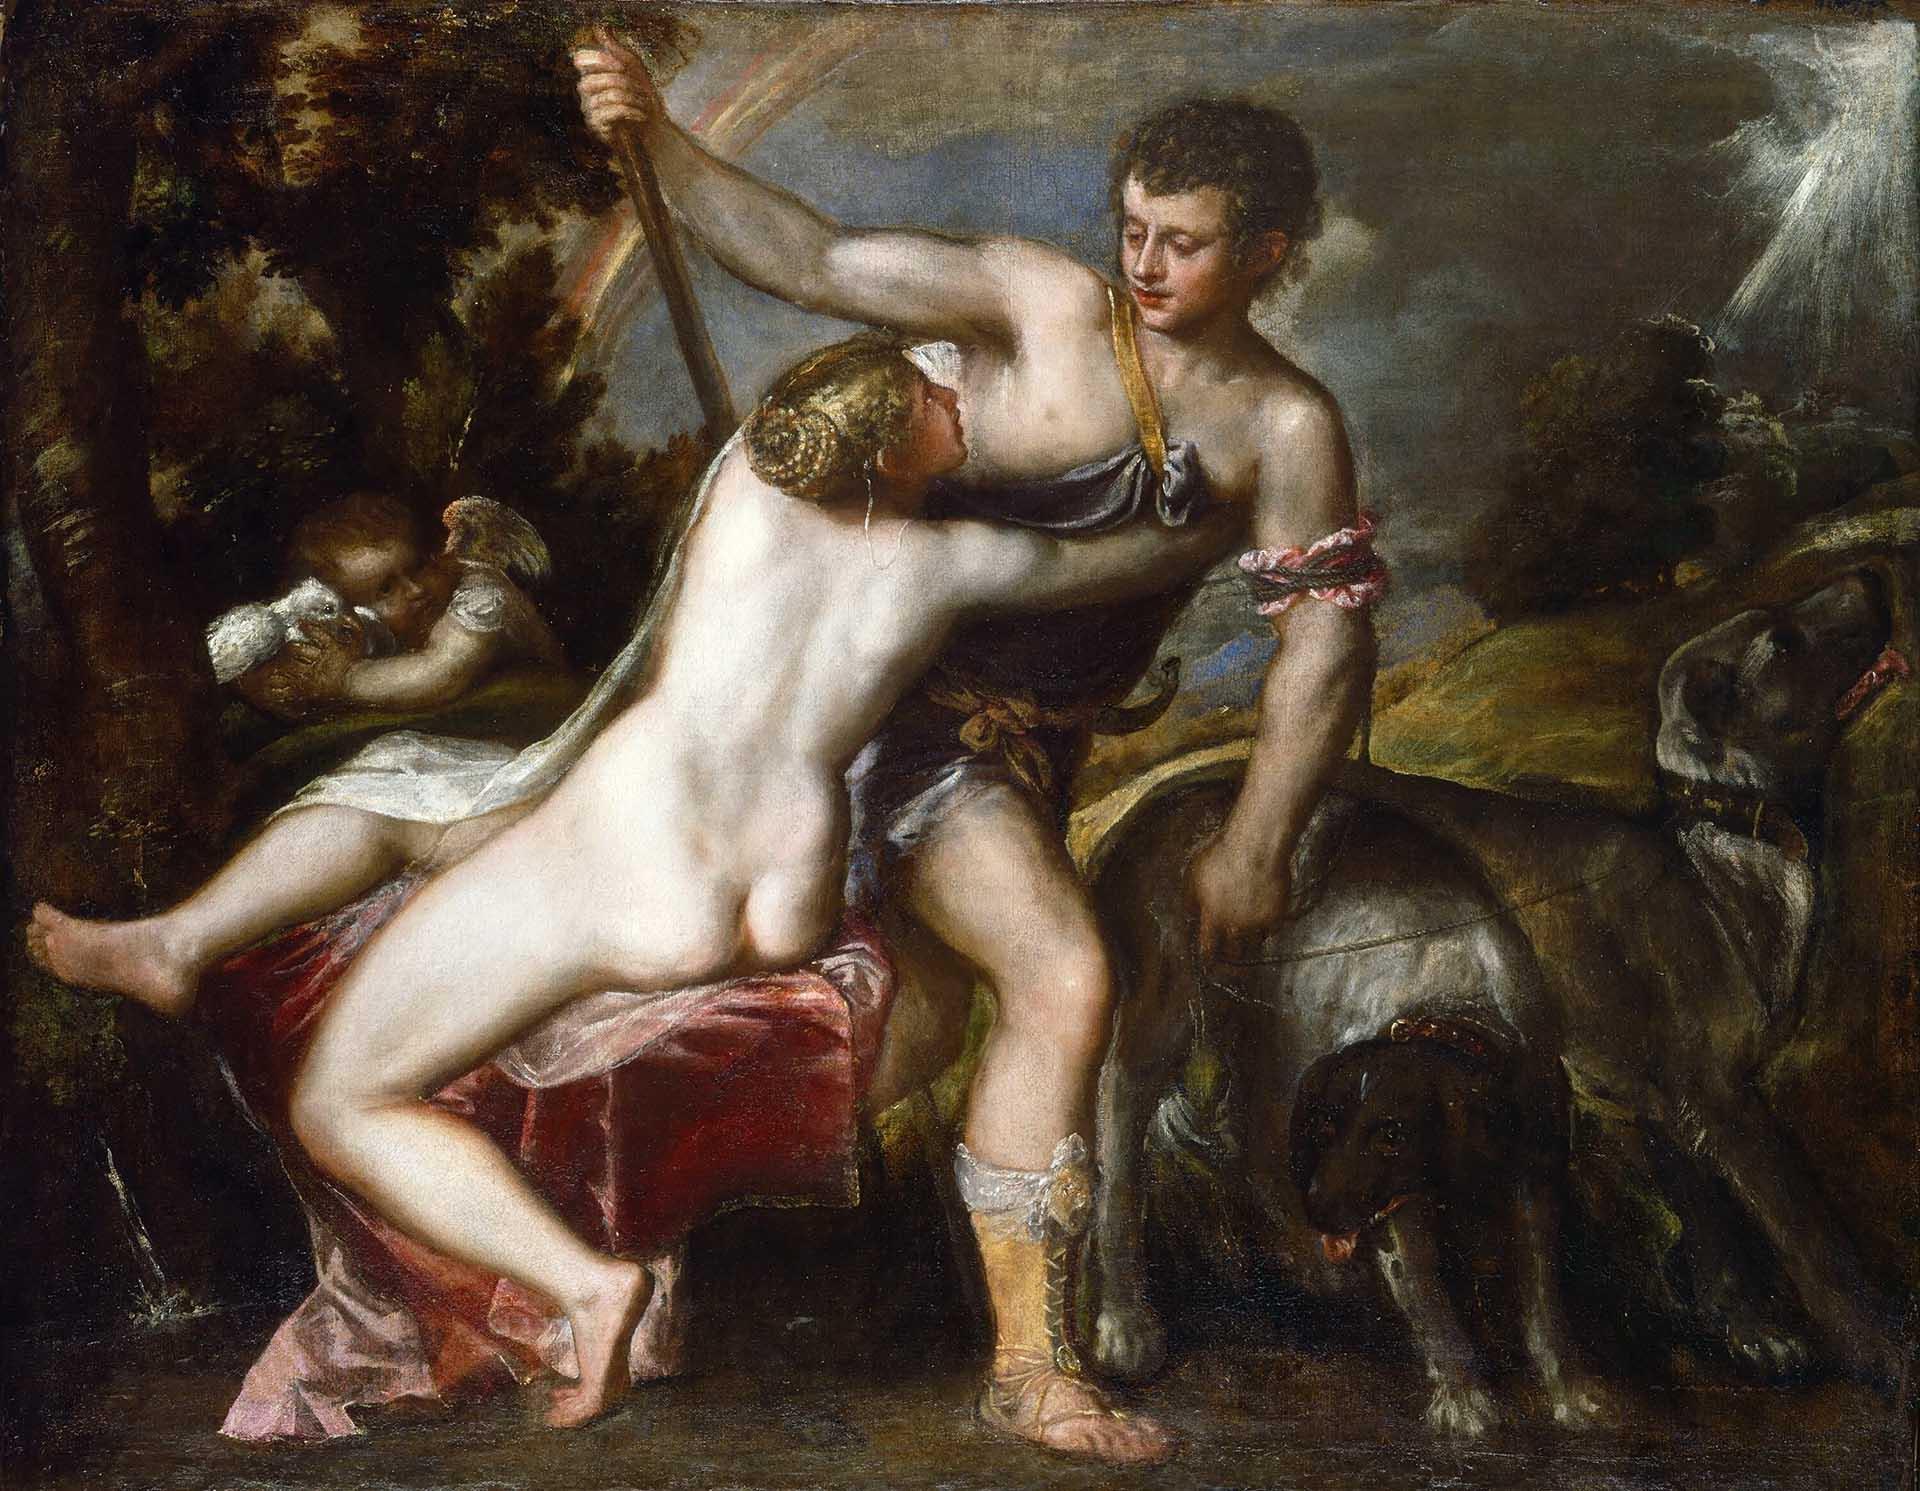 Тициан Вечеллио (Tiziano Vecellio), Венера и Адонис